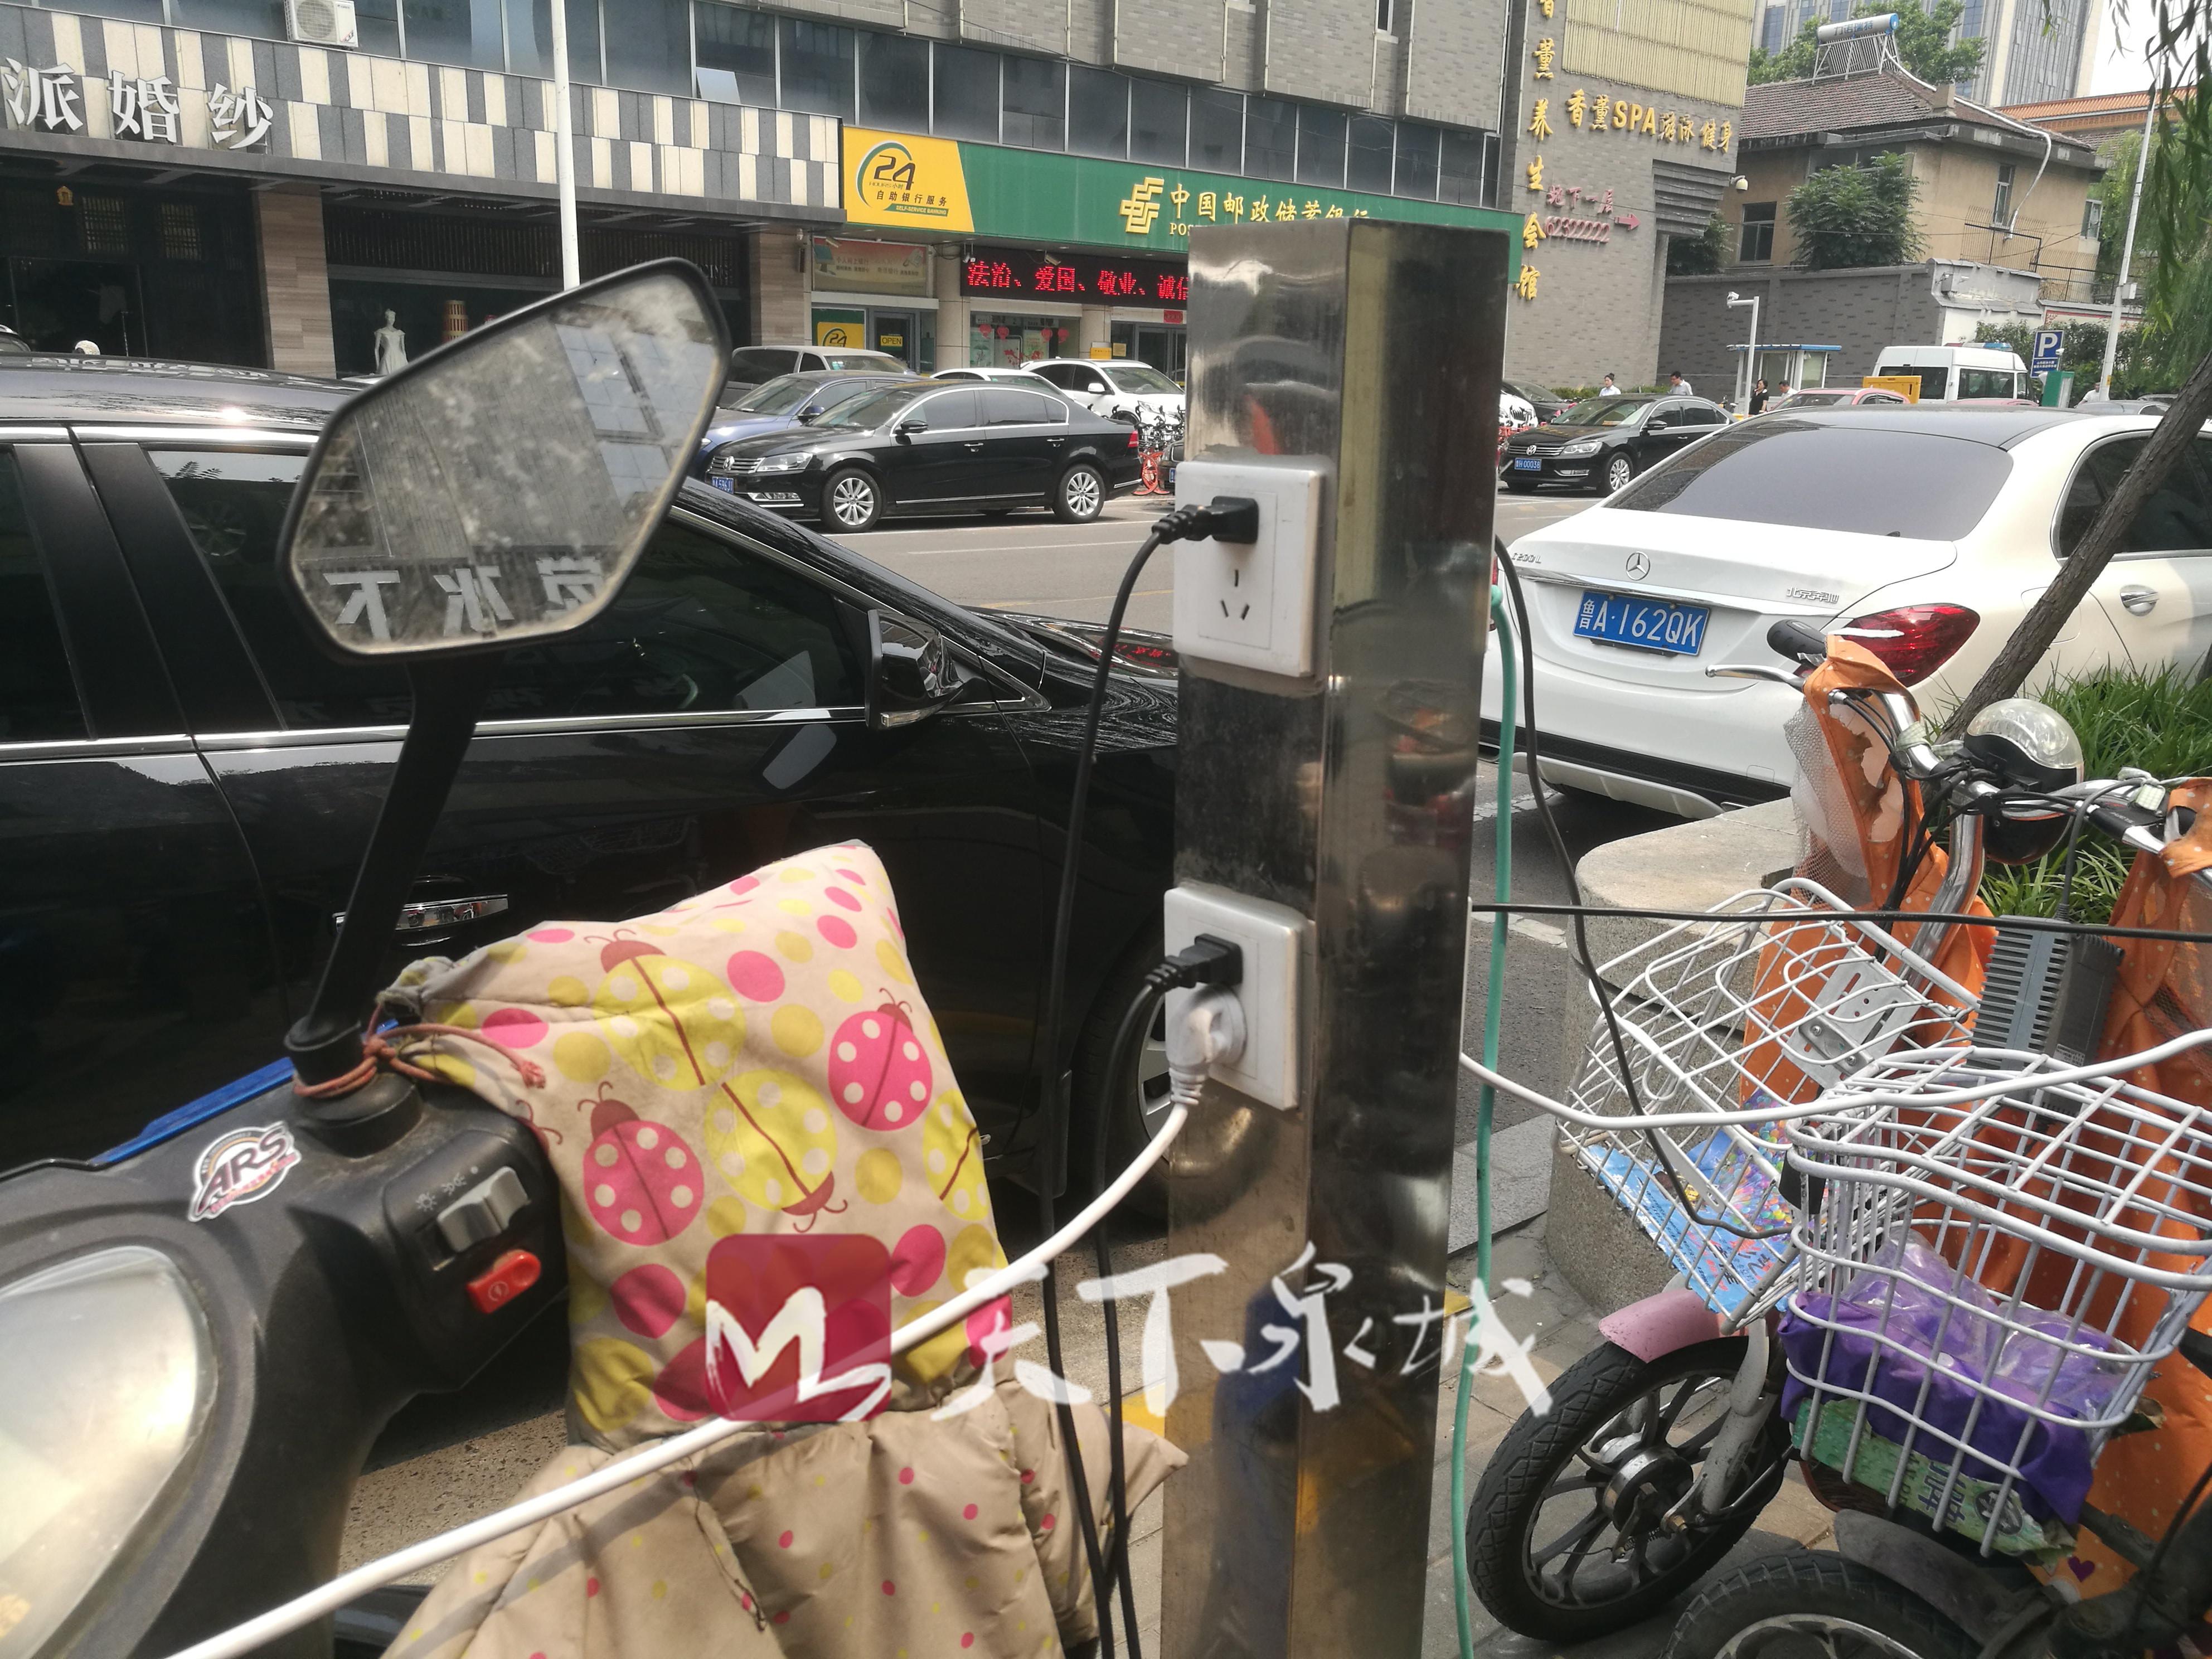 网传济南出现共享电动车充电桩 然而其中隐患重重!